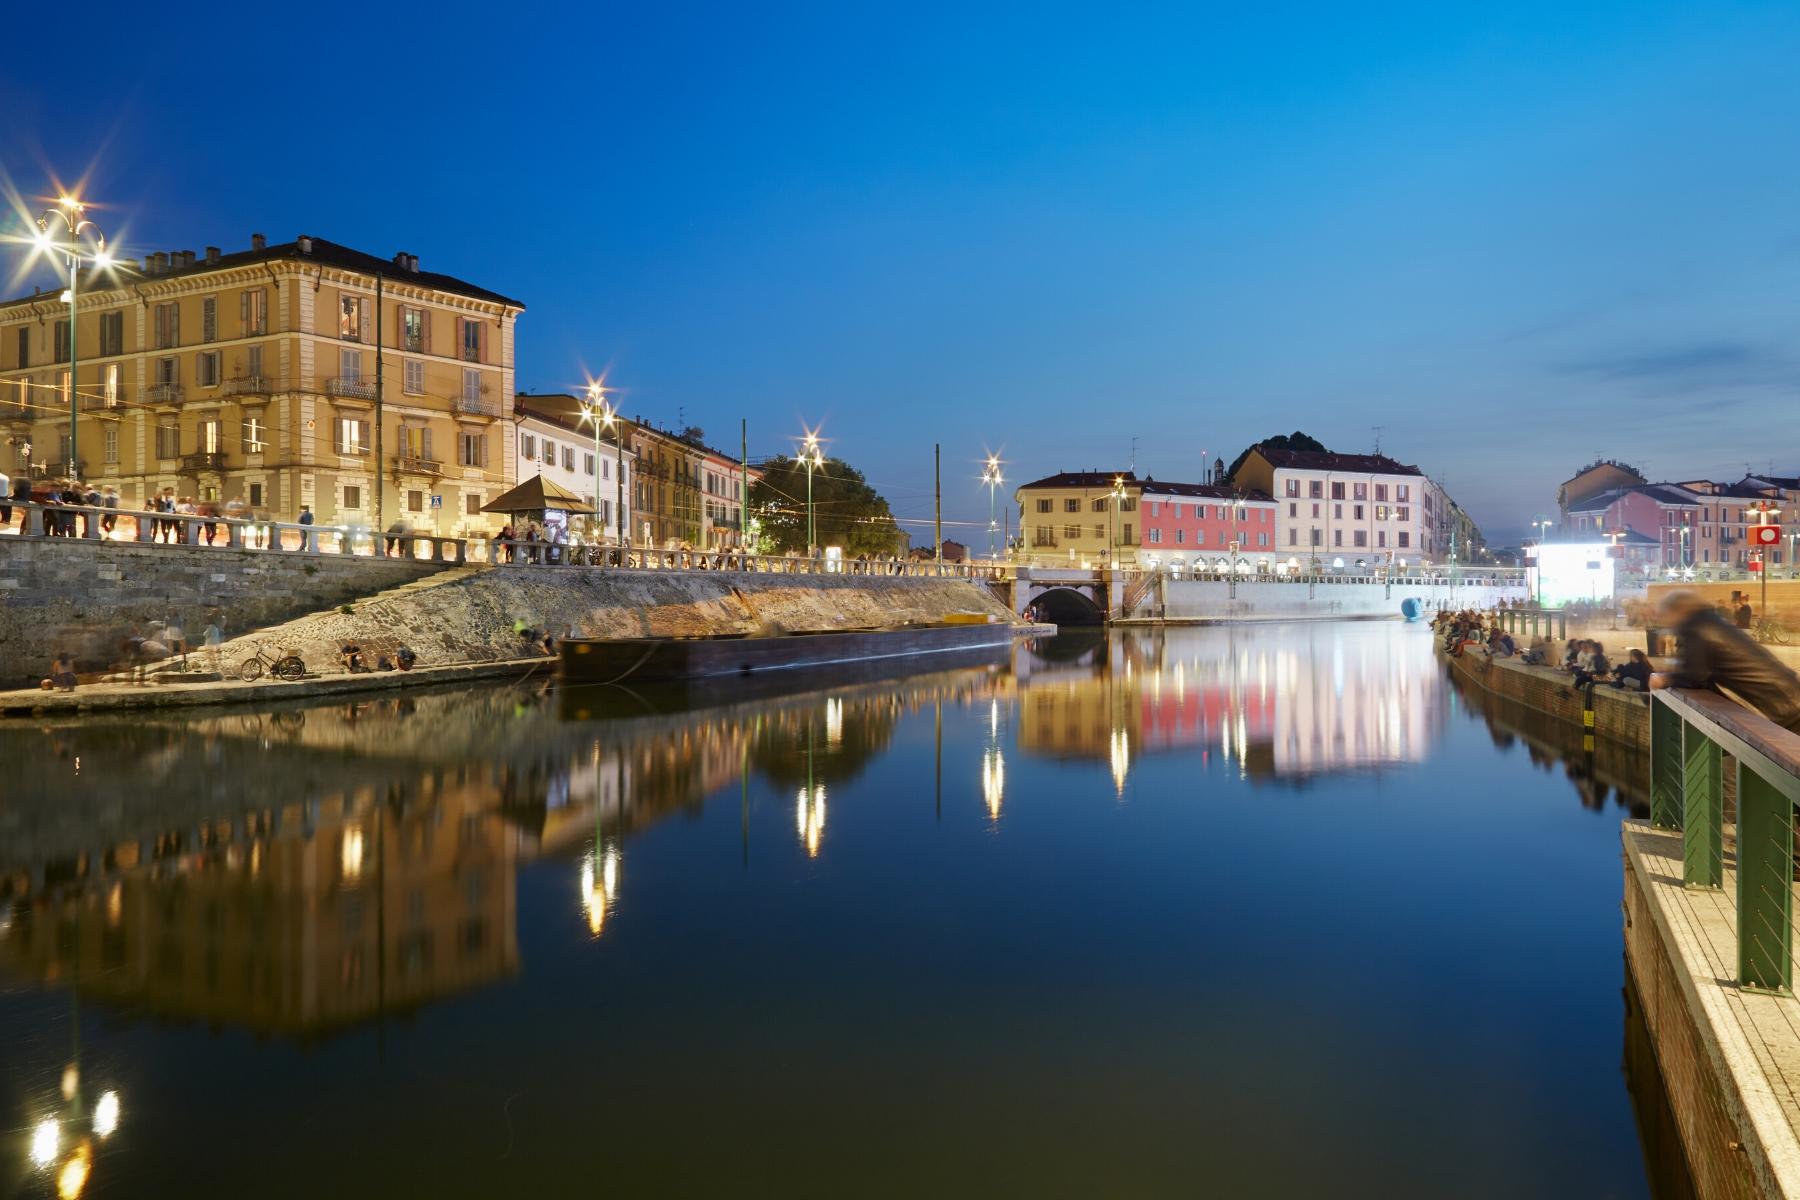 Visita guidata Navigli di Milano